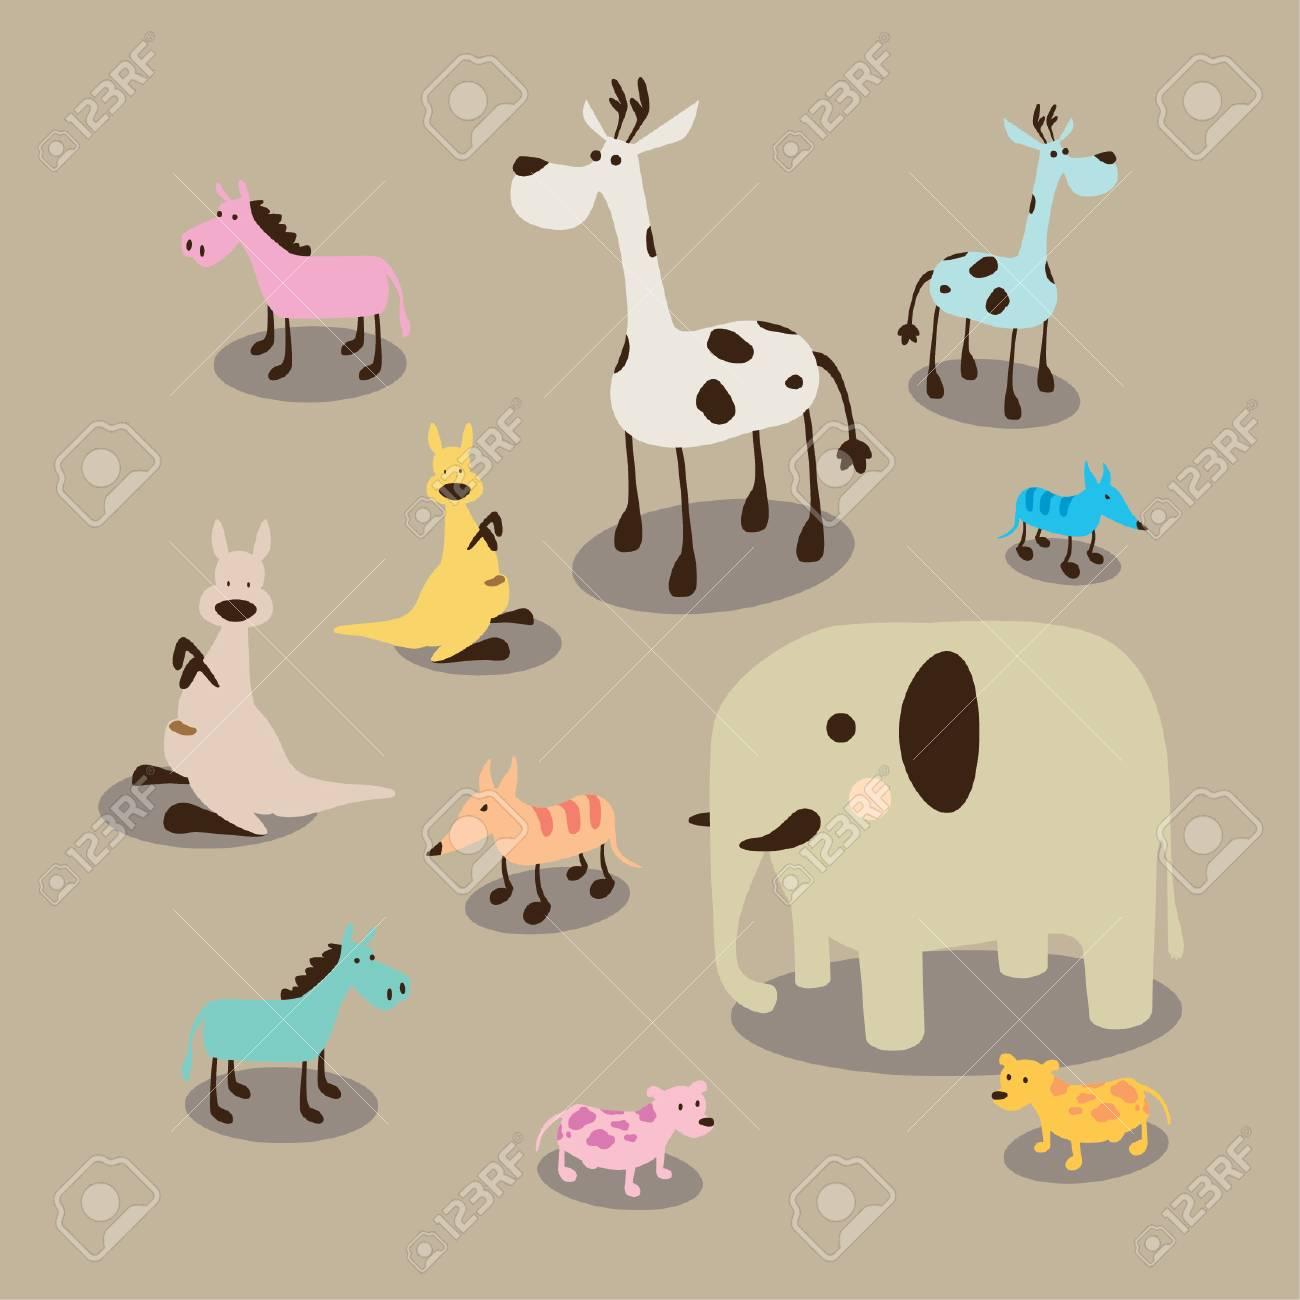 かわいい動物イラスト セットのイラスト素材ベクタ Image 71139951